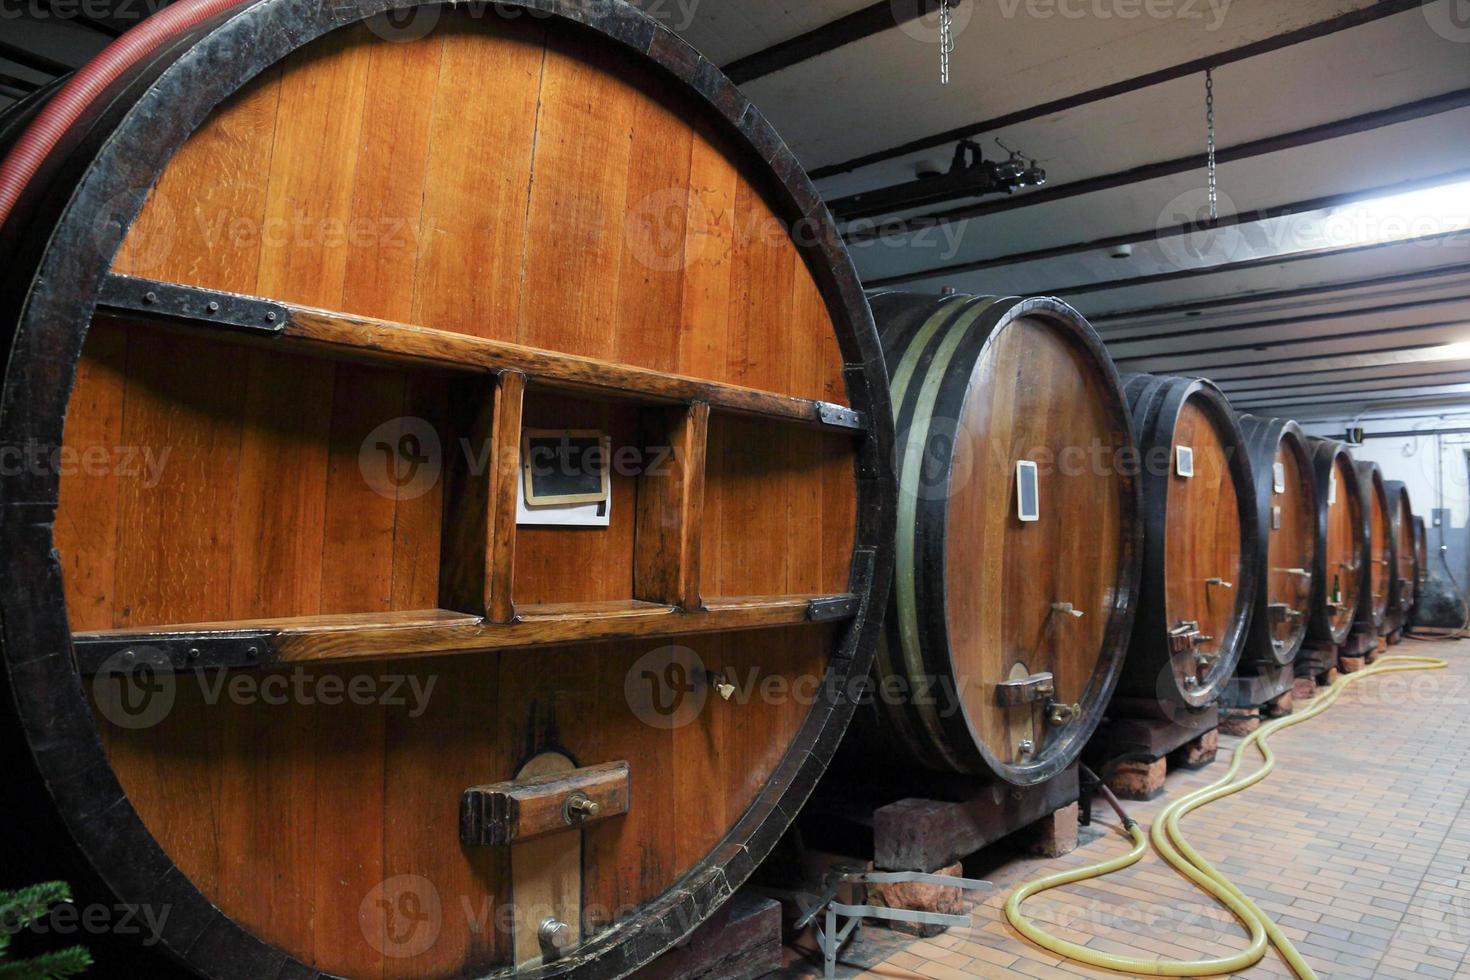 Oak wine barrels in a wine cellar photo